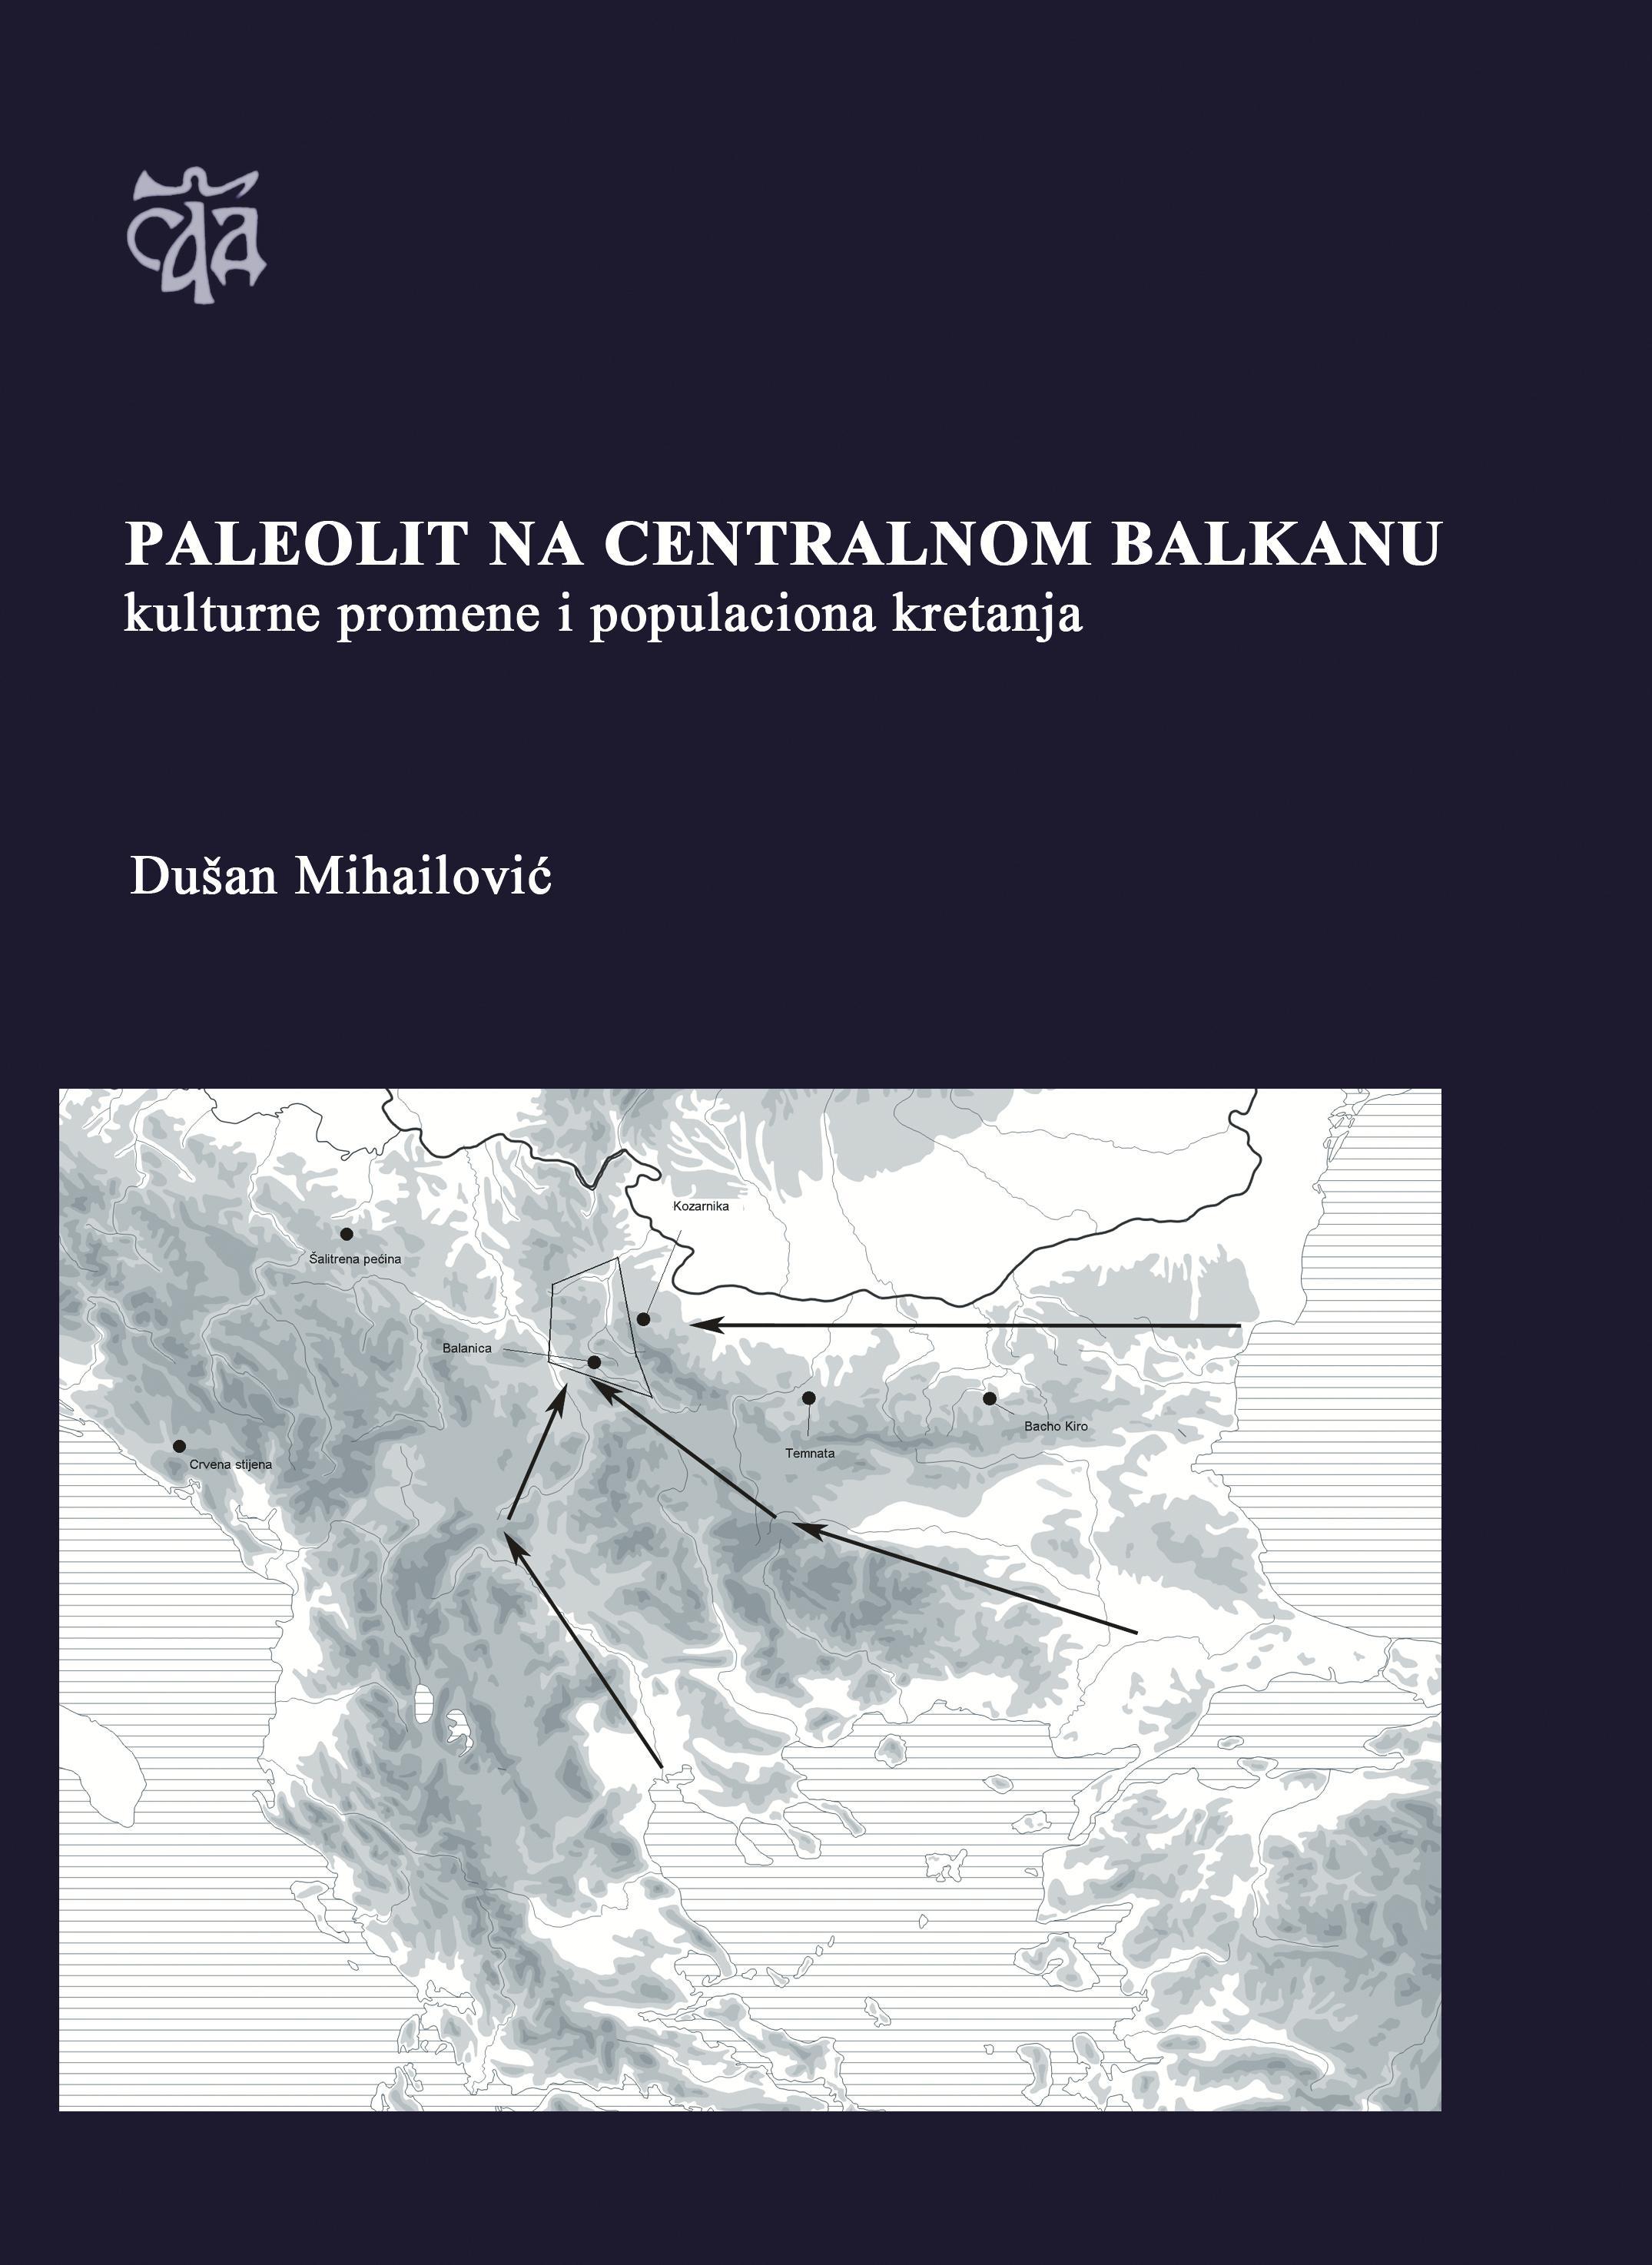 Paleolit na centralnom Balkanu: naslovna strana